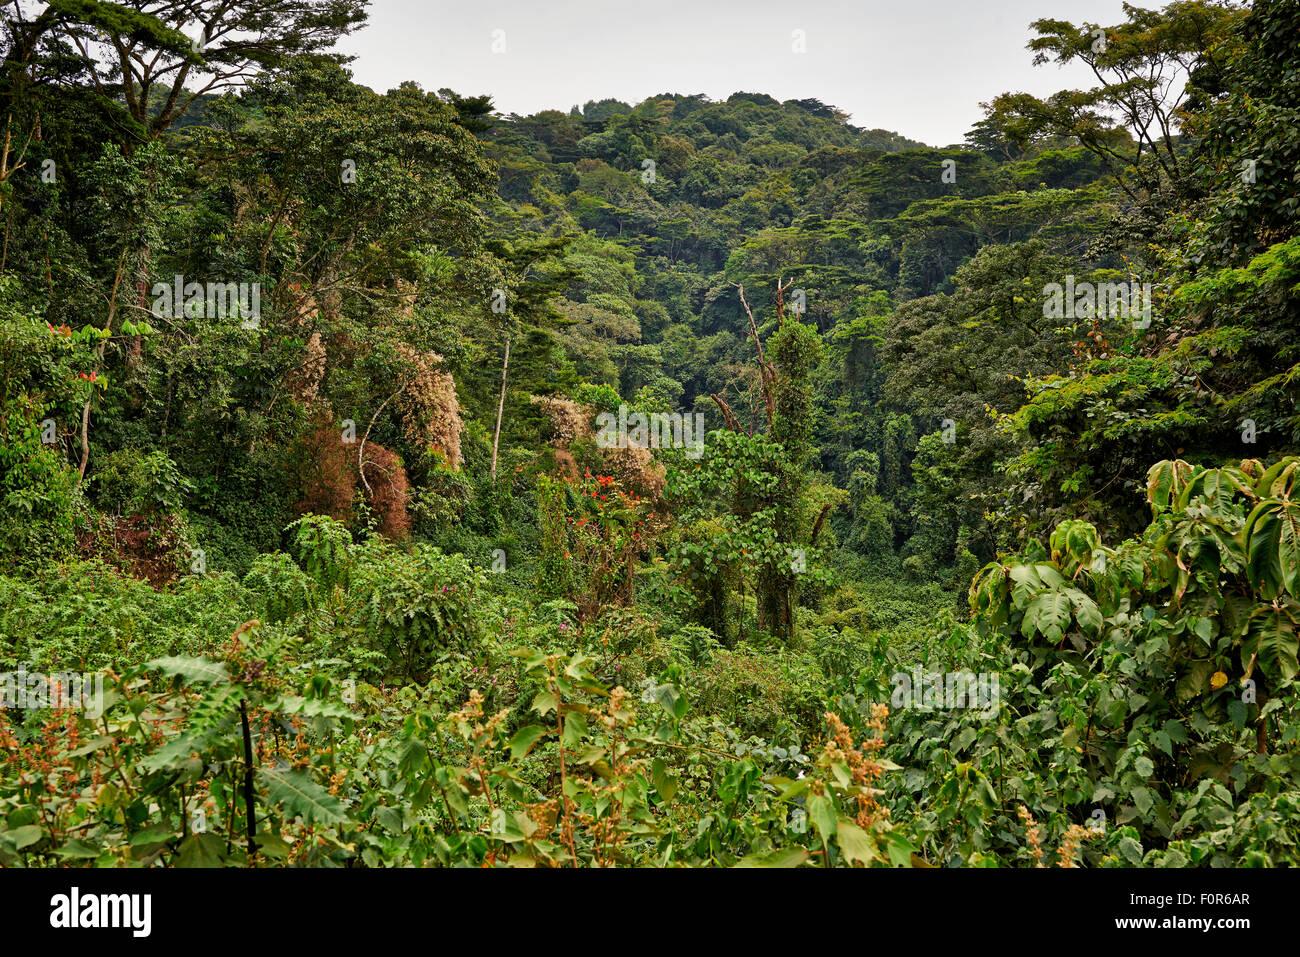 rain forest of Bwindi Impenetrable National Park, Uganda, Africa - Stock Image